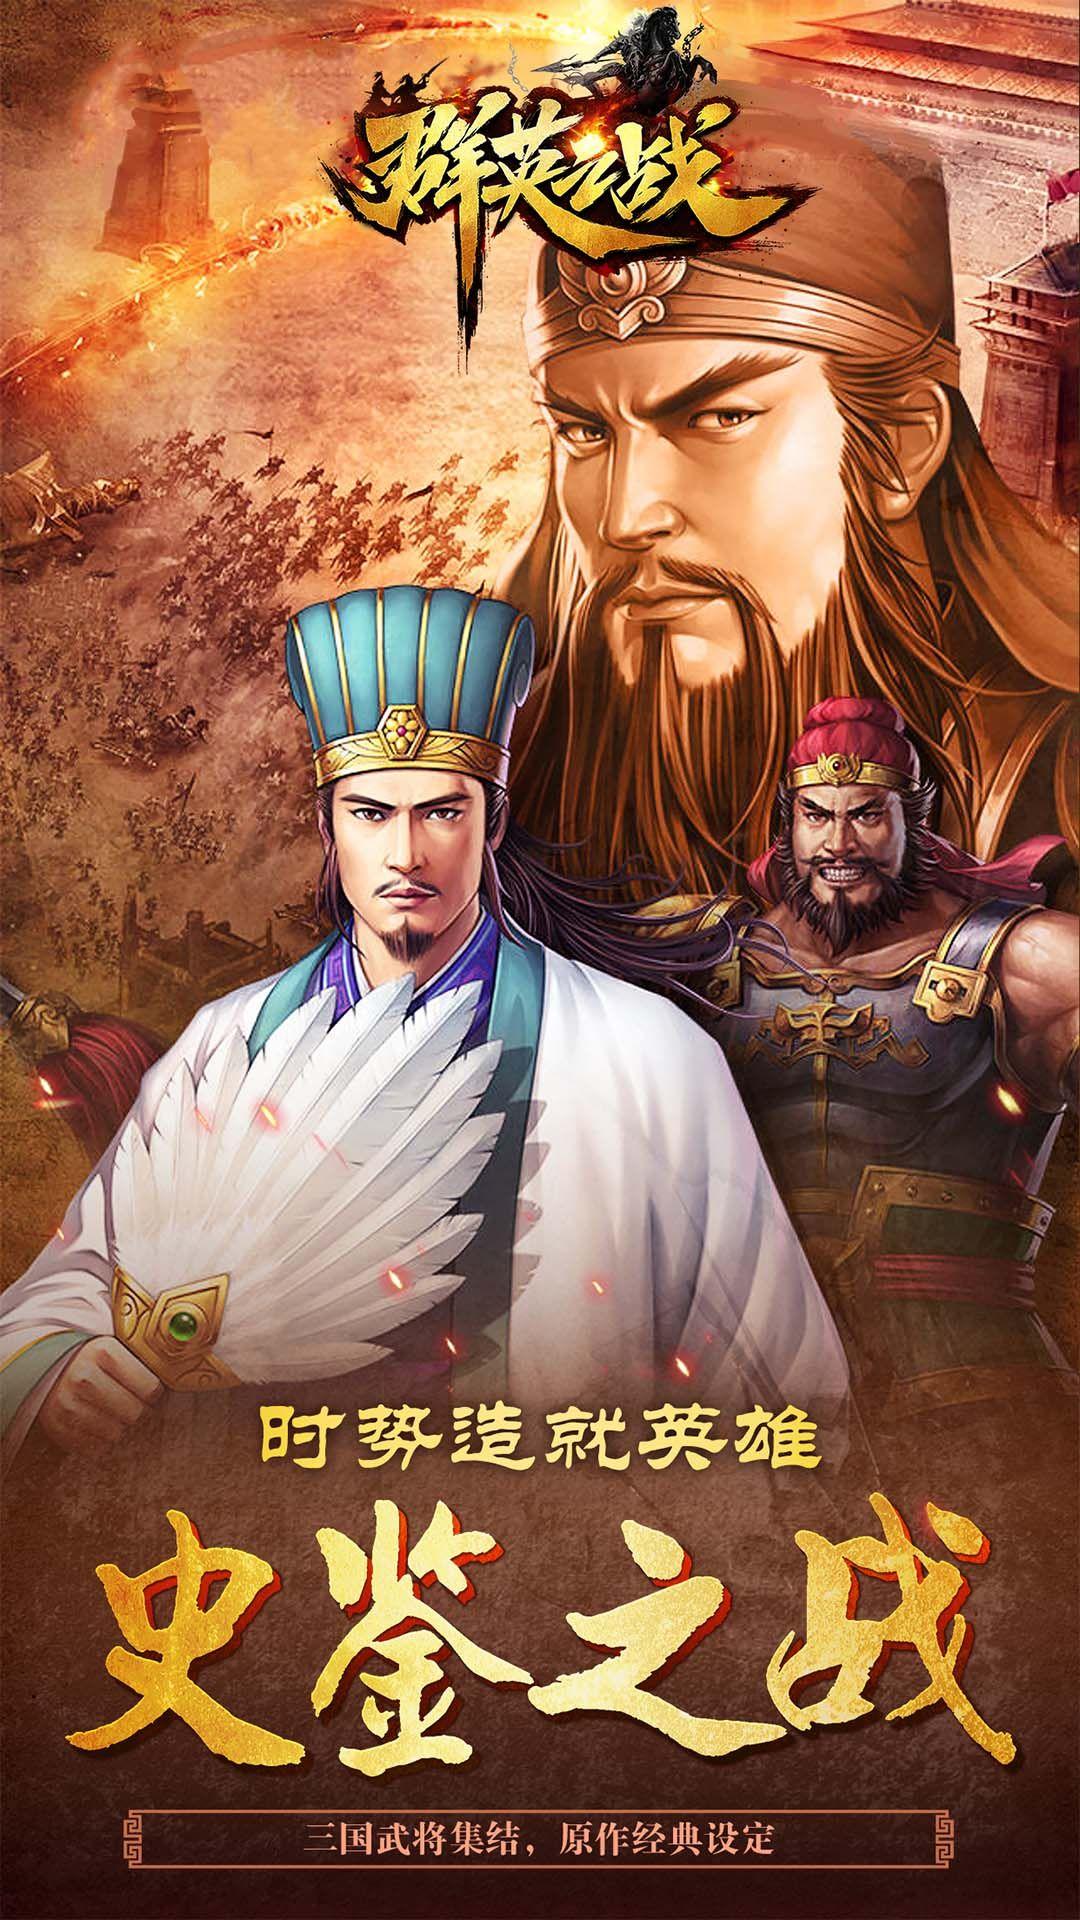 群英之戰_游戲封面圖